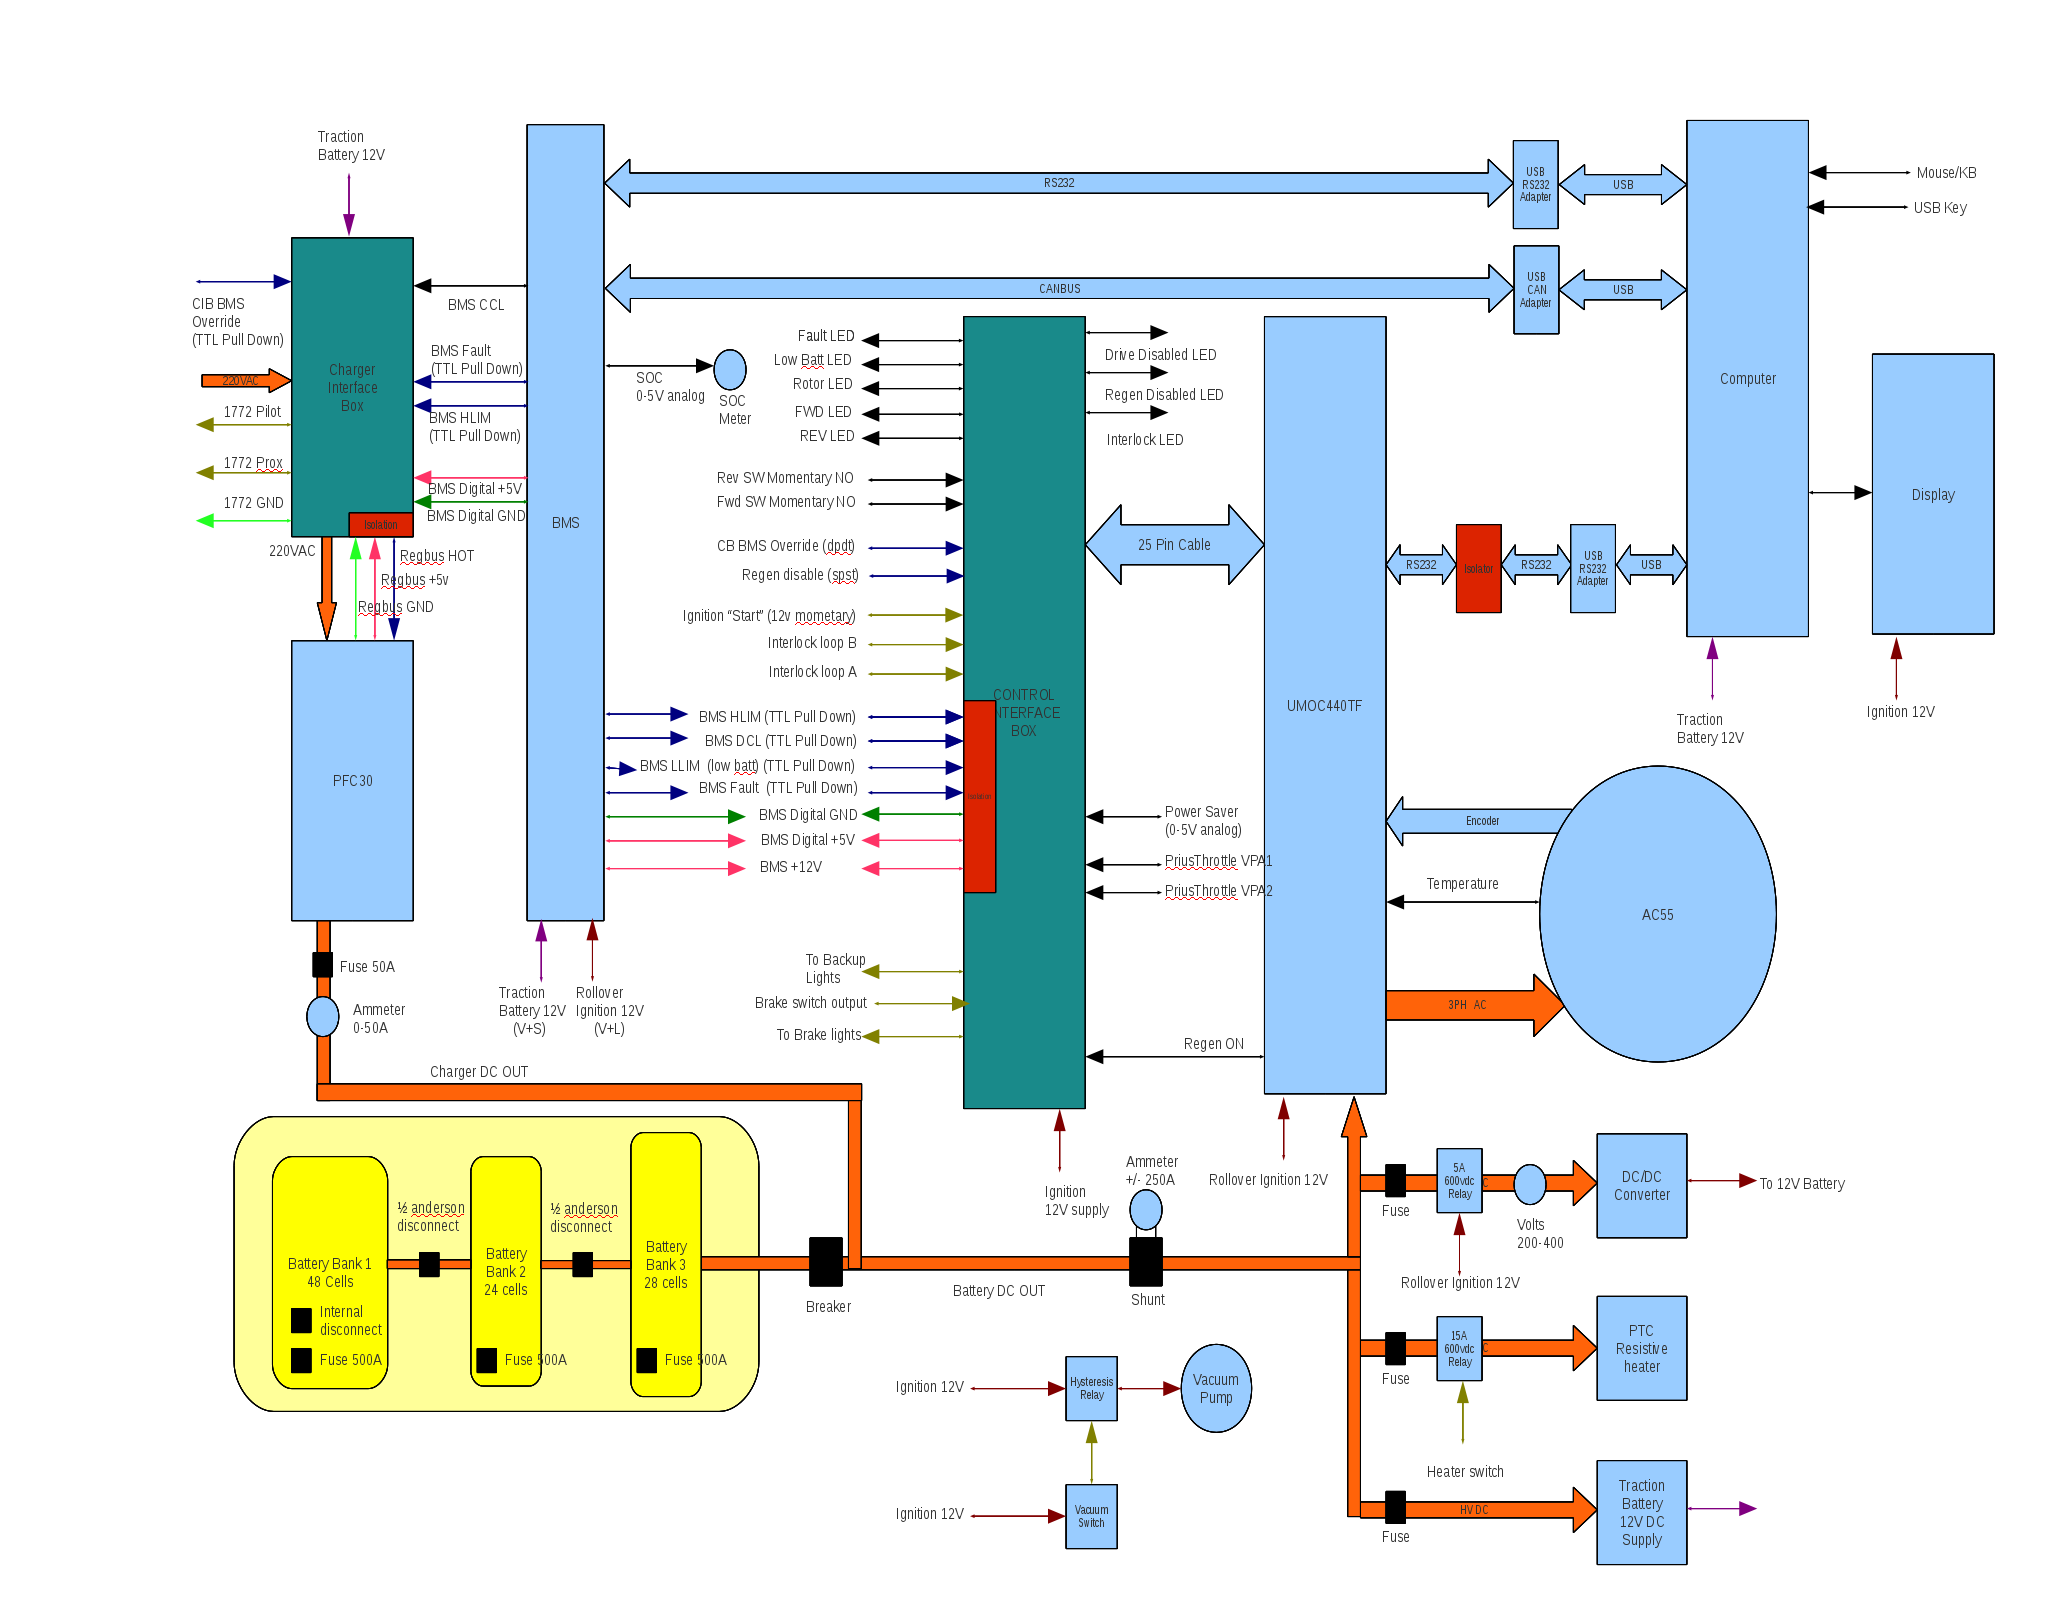 Scion Car Manuals Wiring Diagrams Pdf Fault Codes. Scion. 2005 Scion Radio Wiring At Scoala.co